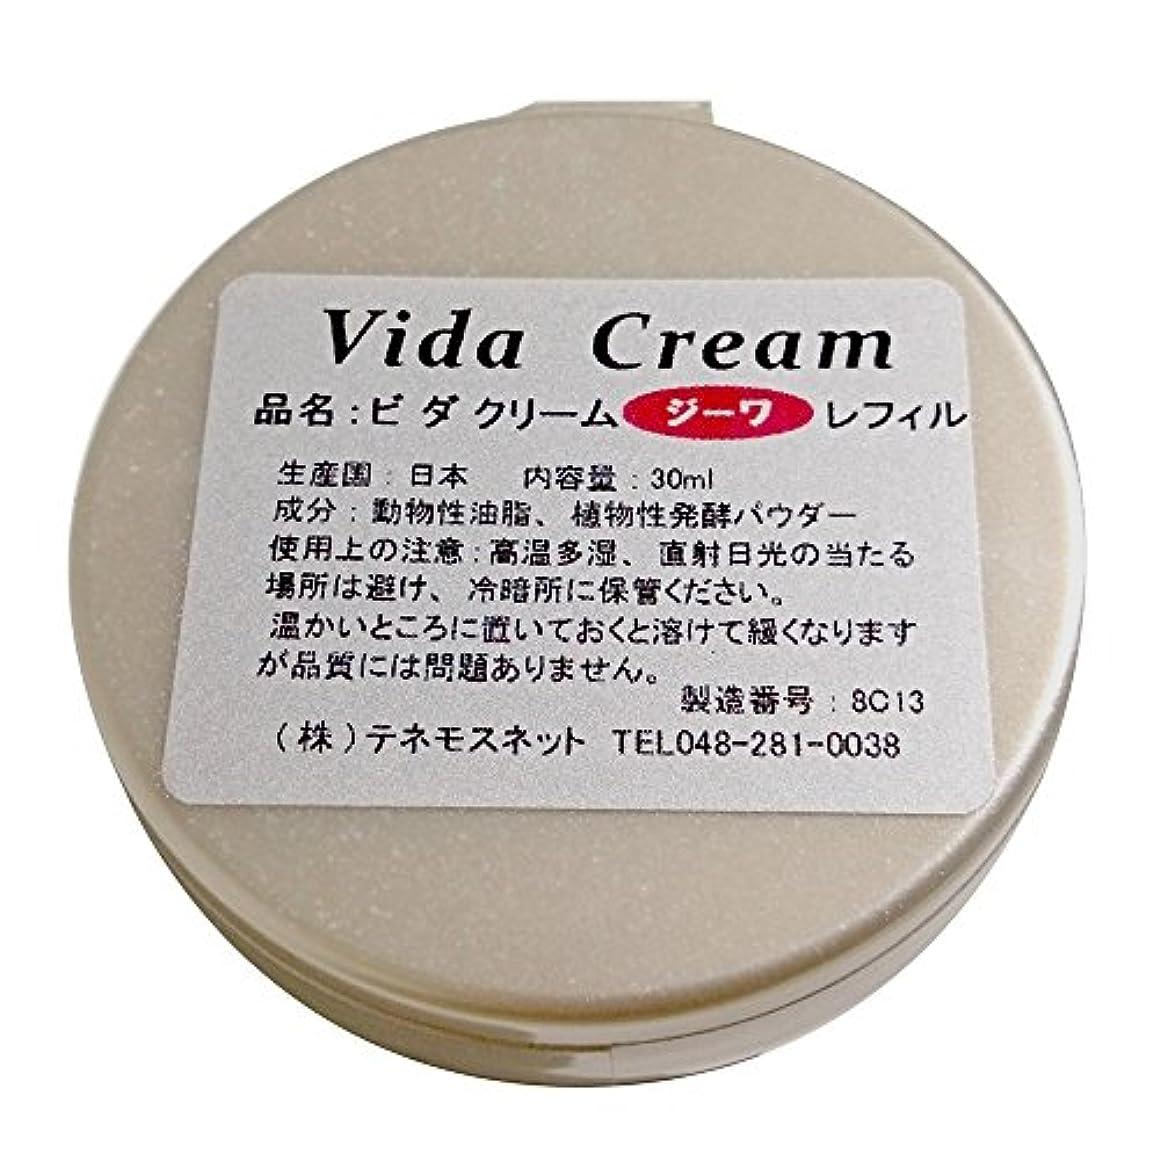 剥ぎ取る性交範囲テネモス ビダクリーム Vida Cream ジーワ レフィル 付替用 30ml